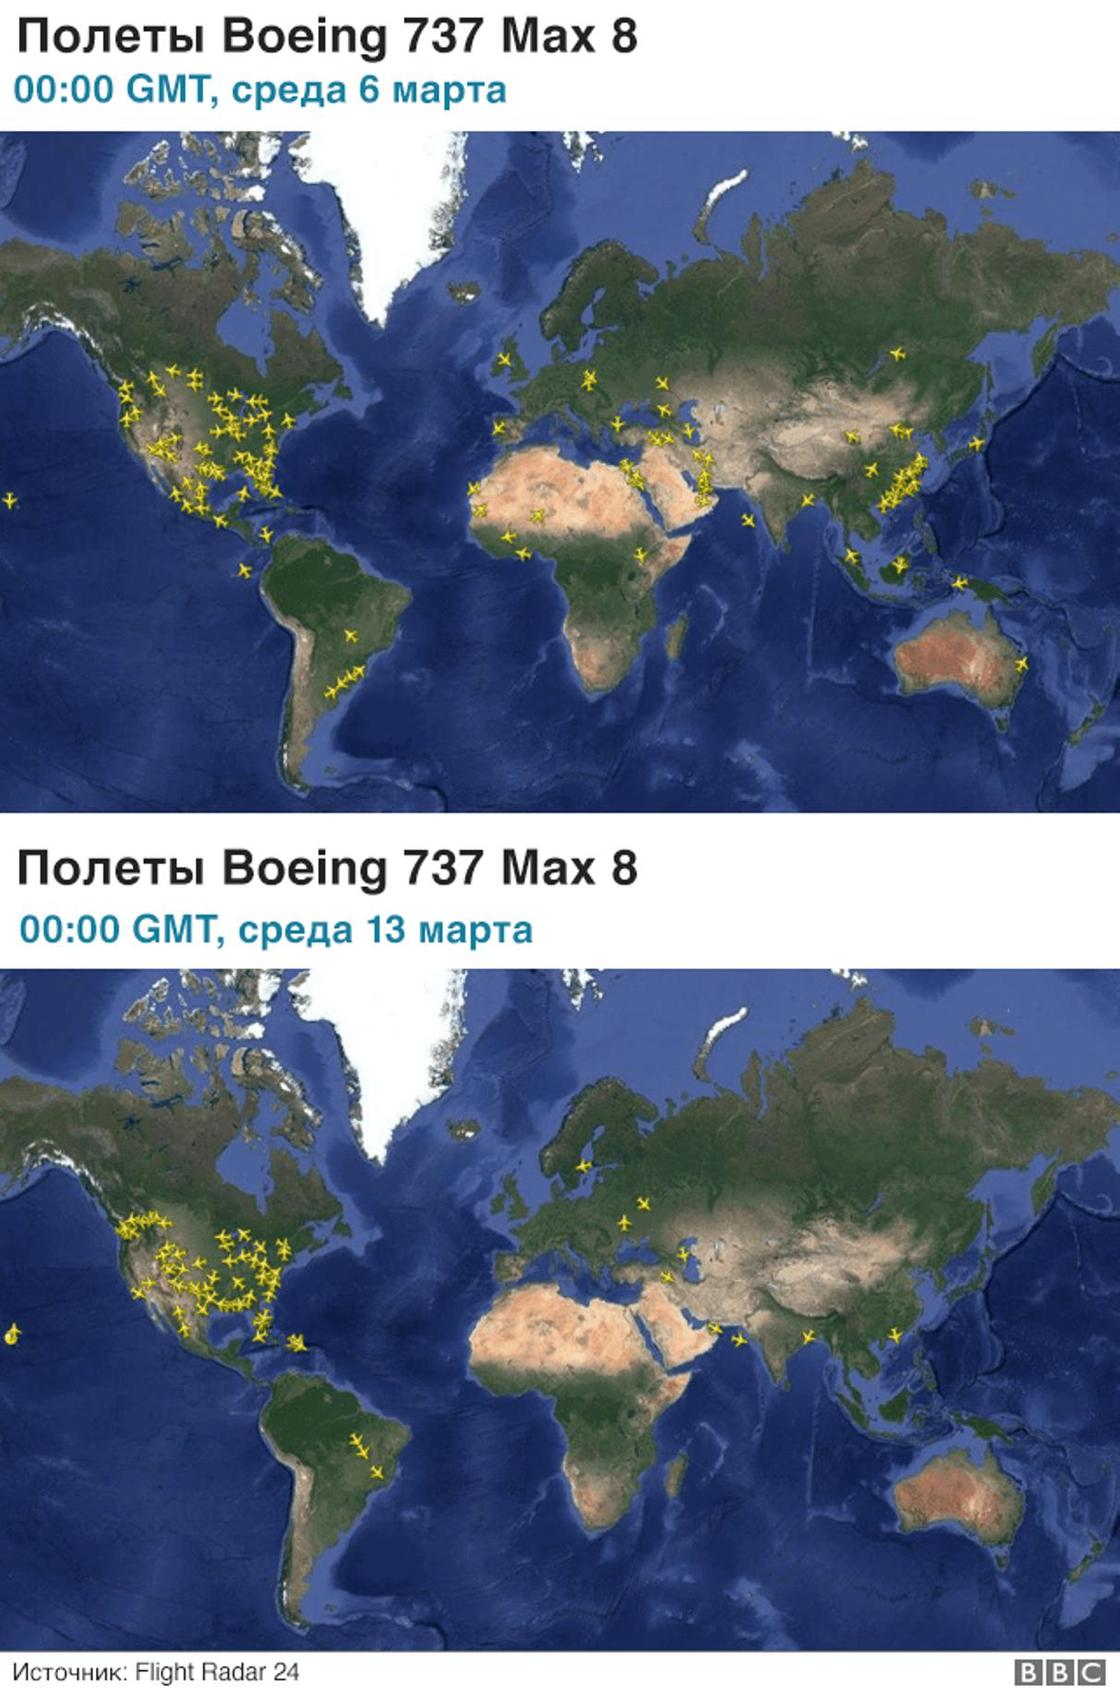 Boeing 737 Max 8. Что это за самолет и с чем связаны его проблемы